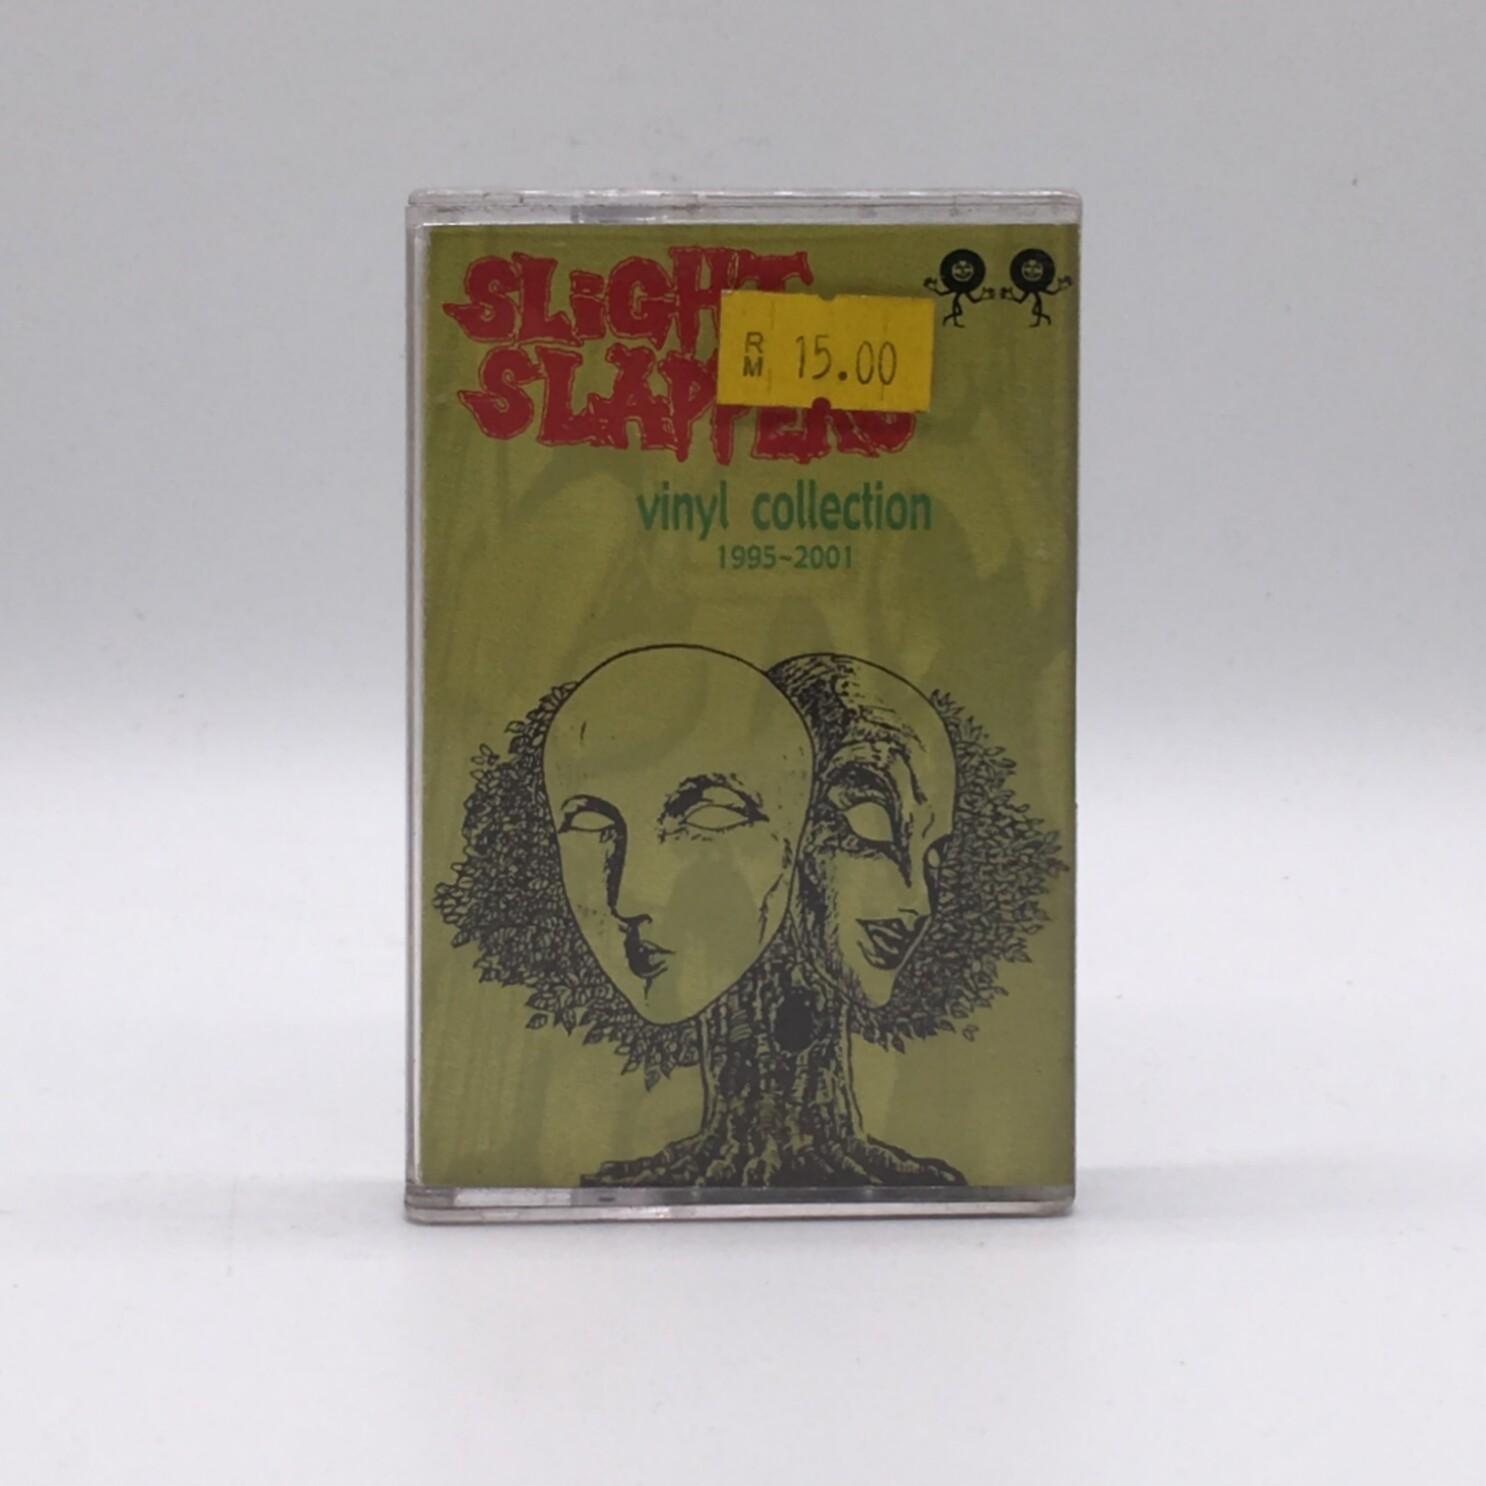 SLIGHT SLAPPERS -VINYL COLLECTION: 1995-2001- CASSETTE